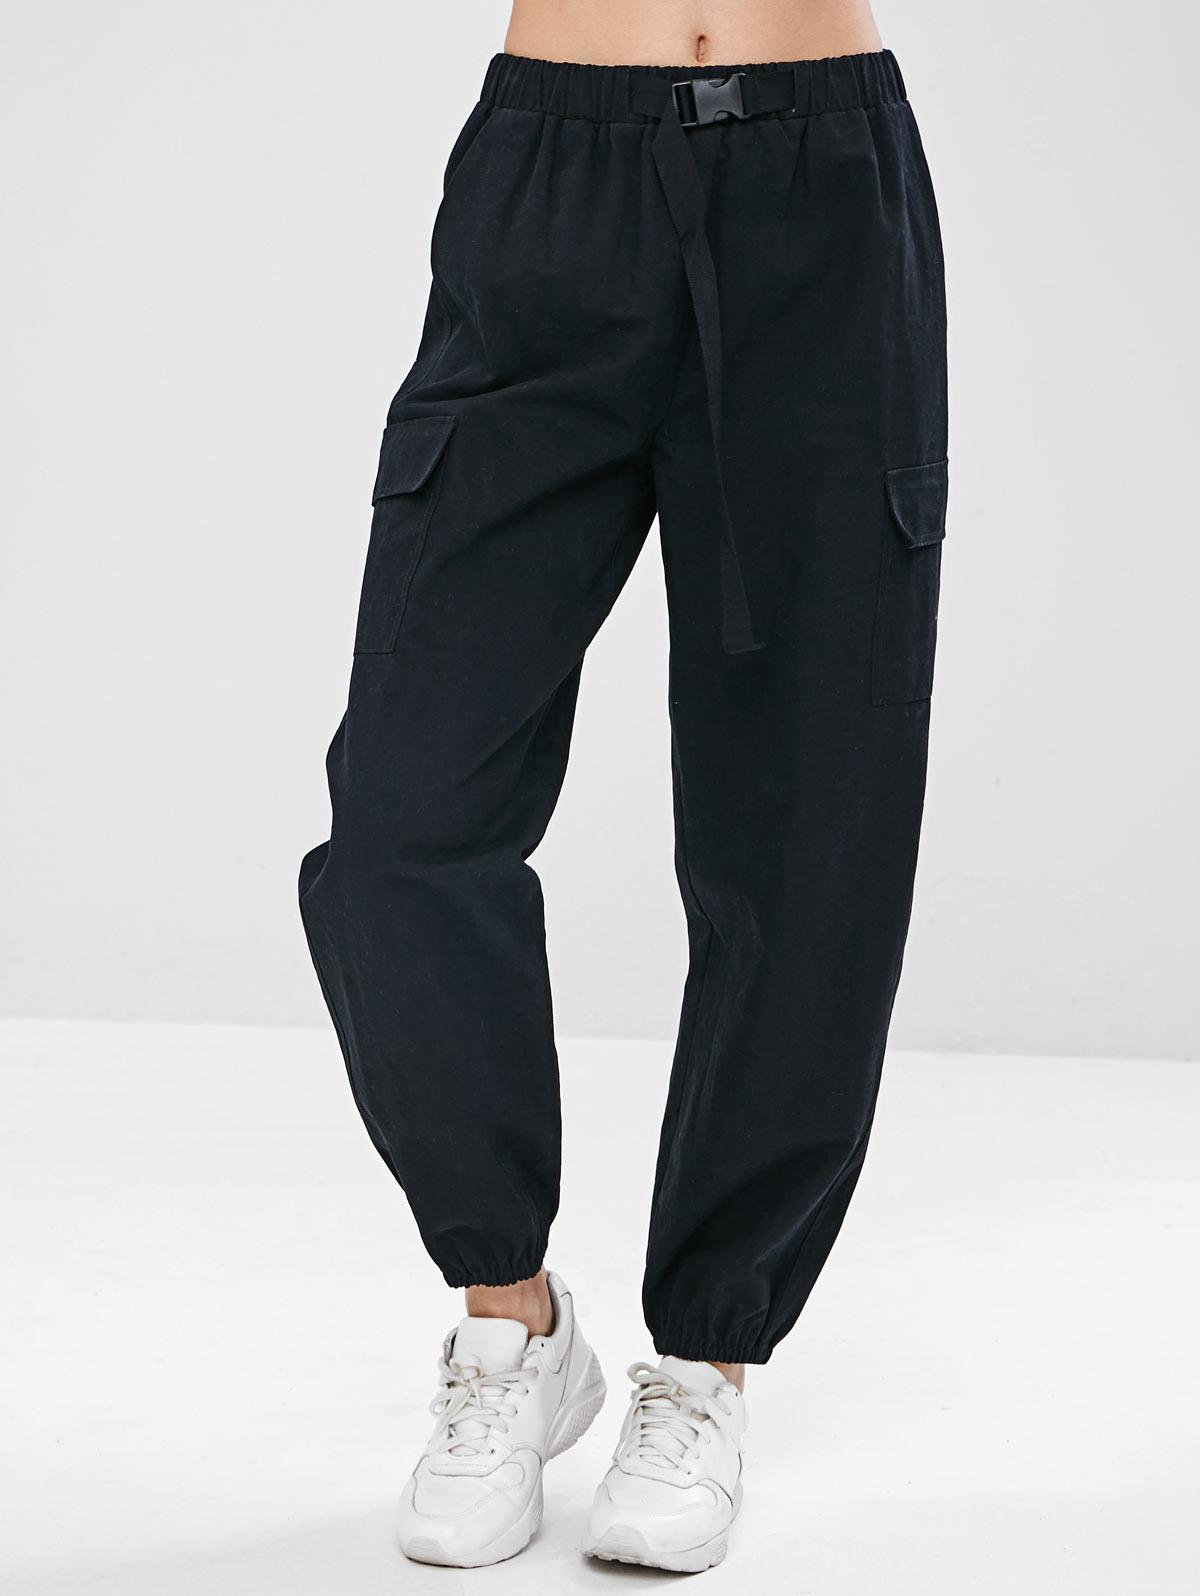 ZAFUL Drawstring Pocket Jogger Pants thumbnail